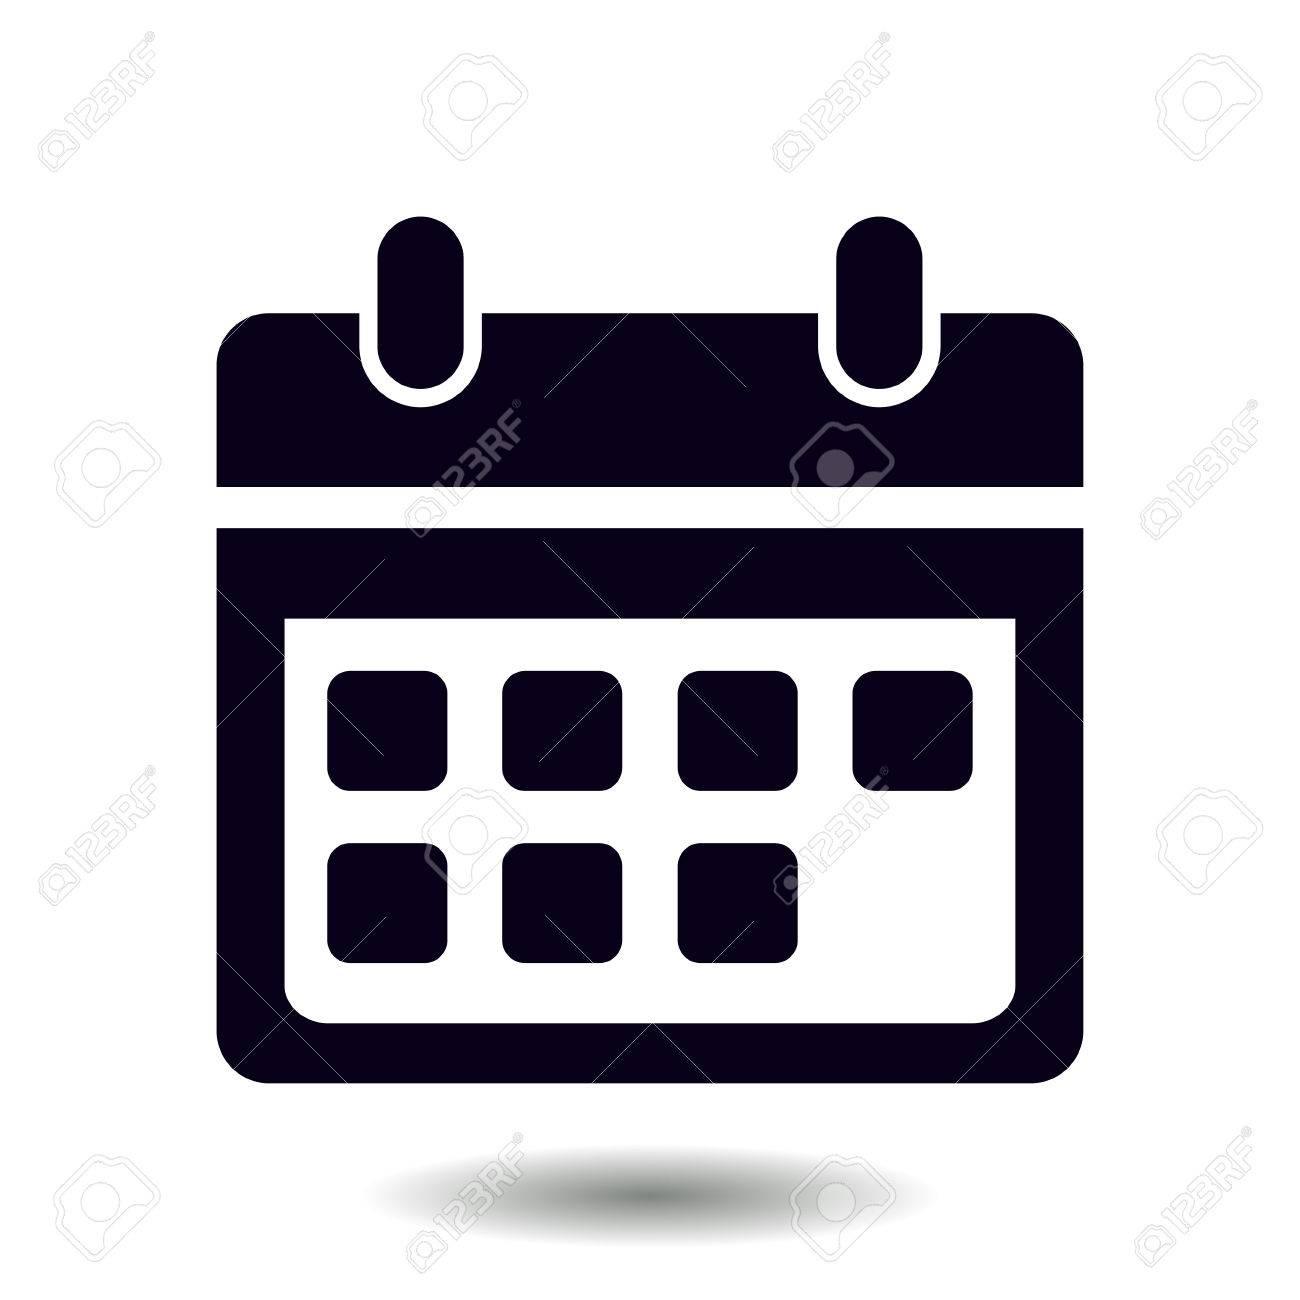 Calendario Vectorizado.Vector Calendar Icon Important Dates Sign Flat Design Style